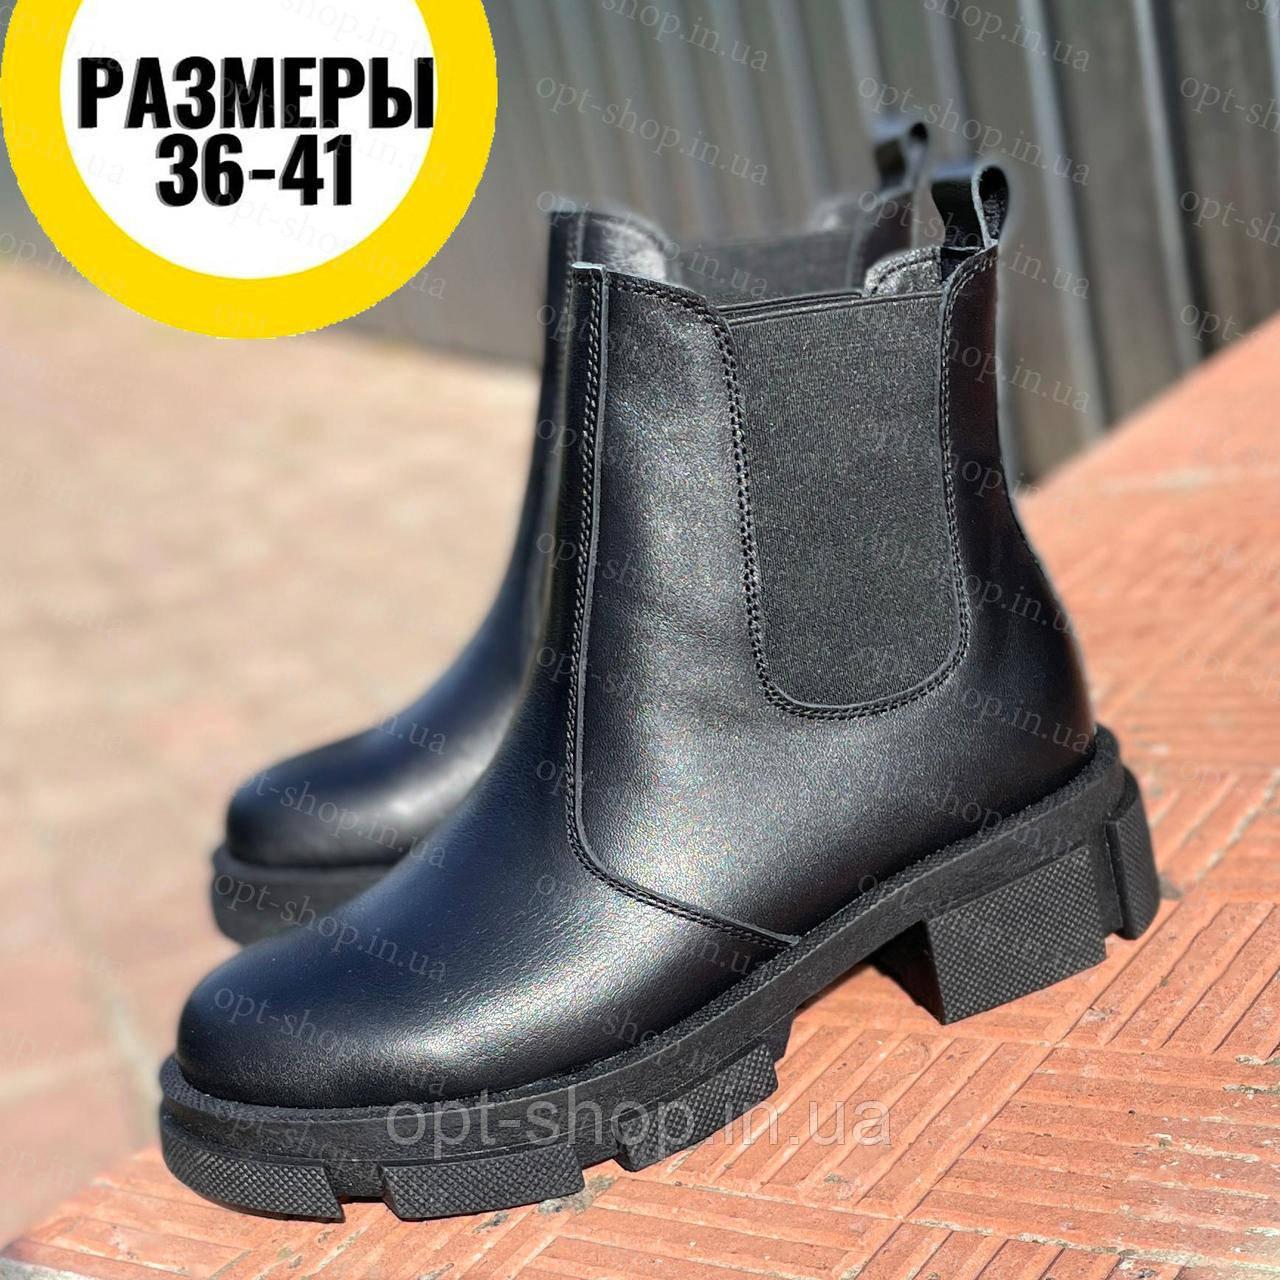 Ботинки женские демисезонные кожаные(челси) черные черевики жіночі челсі, ботинки женские на толстой подошве